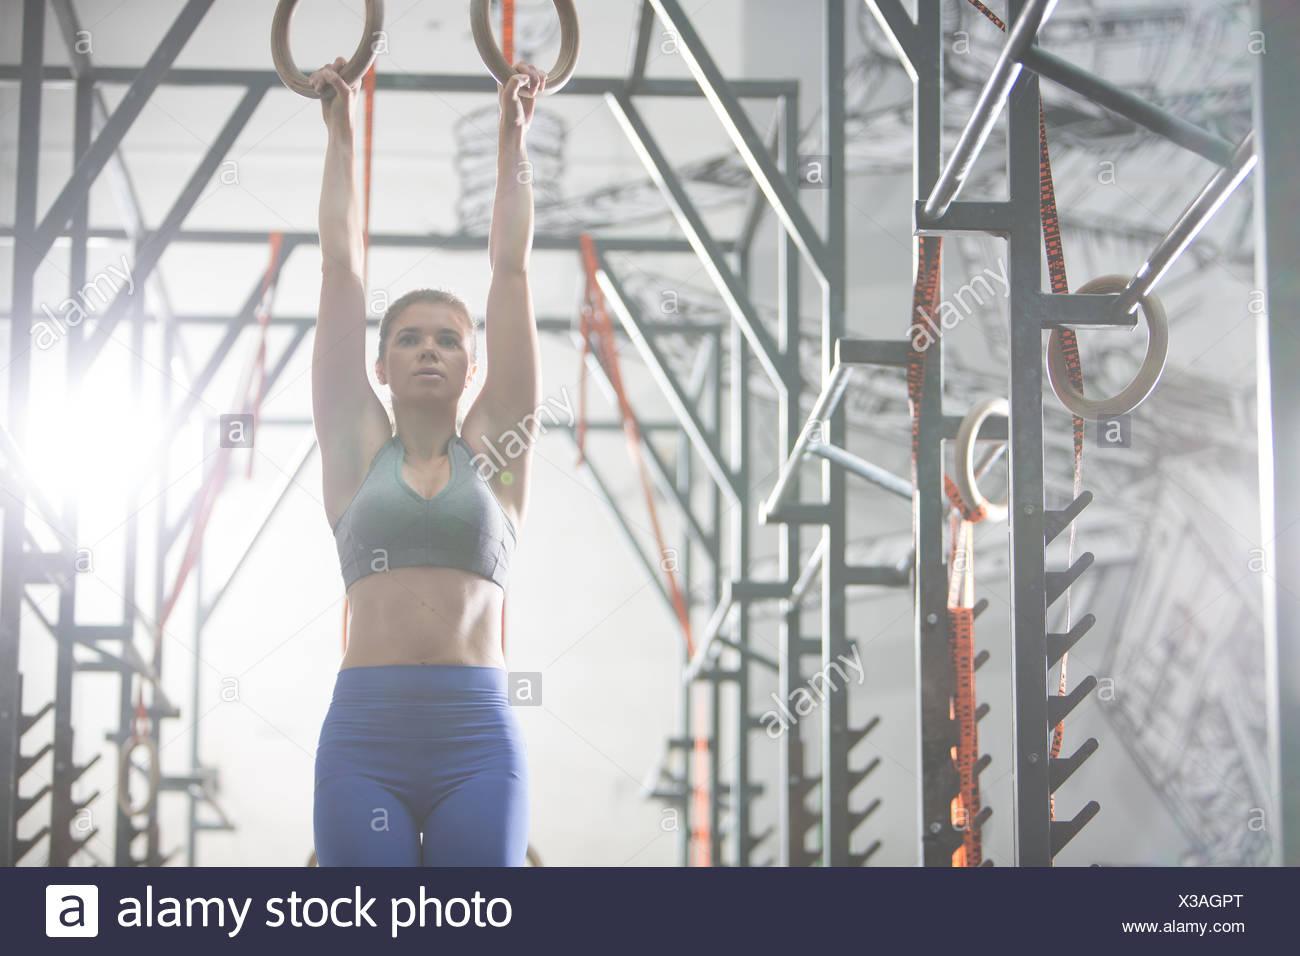 Seguros de la mujer ejerce con anillos de gimnasia en el gimnasio crossfit Foto de stock